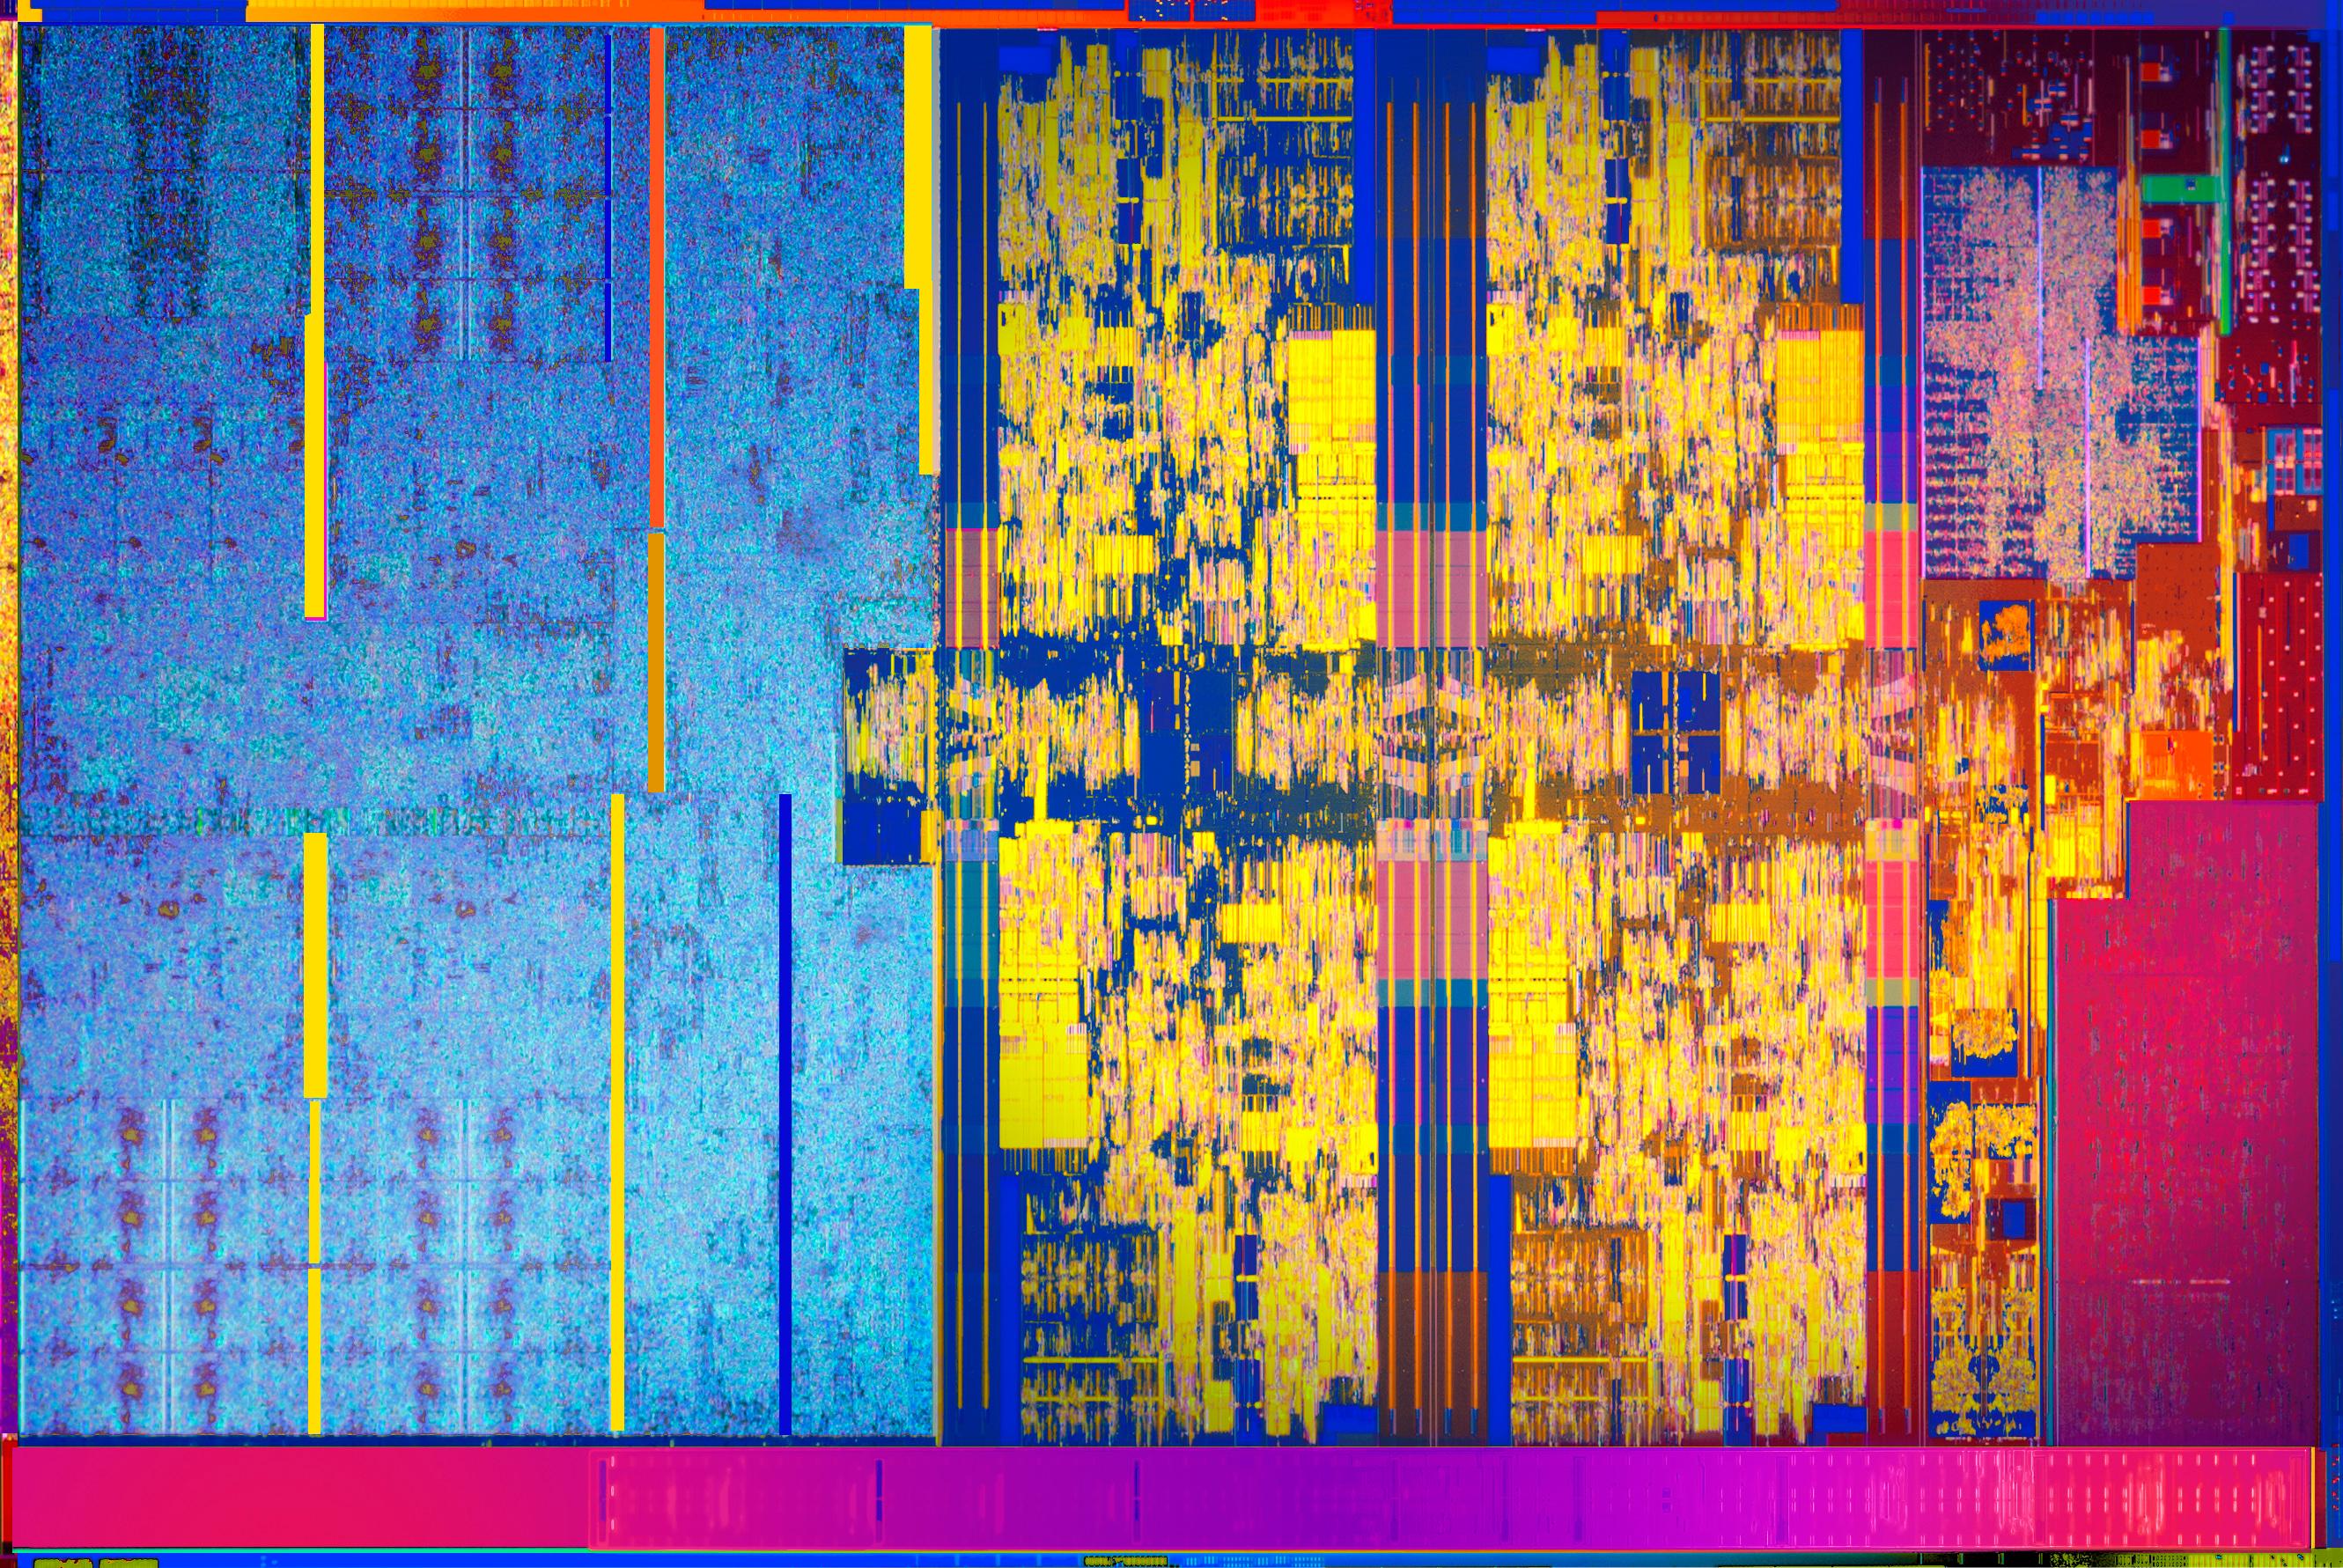 Kết quả hình ảnh cho Intel Core i5-8250U vs Core i5-7300HQ – 8th gen ULV vs 7th gen HQ